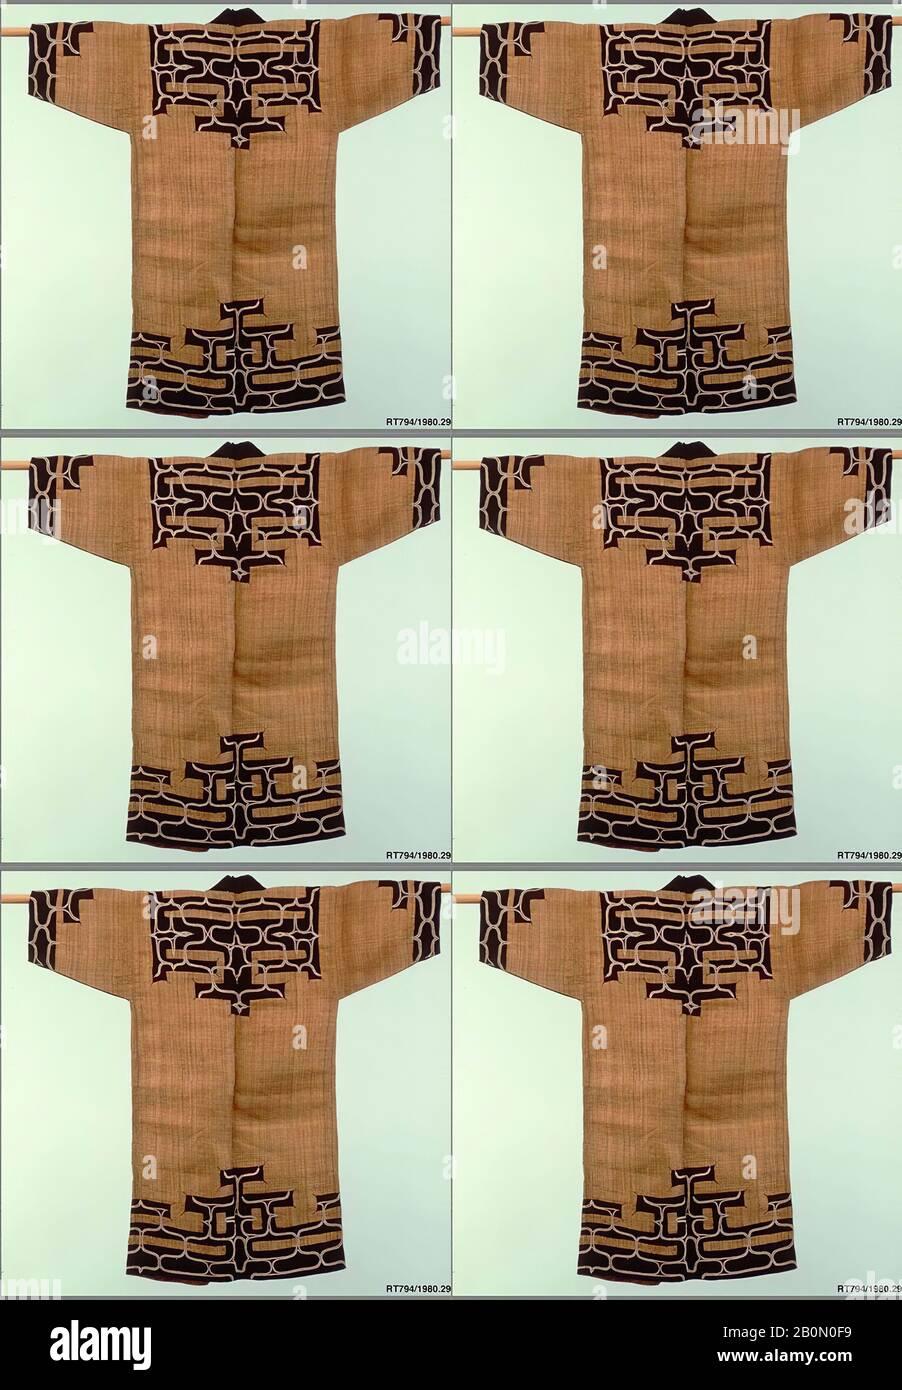 Ainu Robe, Japon, période Meiji (1868–1912), date du XIXe siècle, Japon, fibre d'écorce d'orme avec appliqué de tabby indigo-teint (atsushi), 48 x 25 po. (121,92 x 63,50 cm), textiles-costumes Banque D'Images